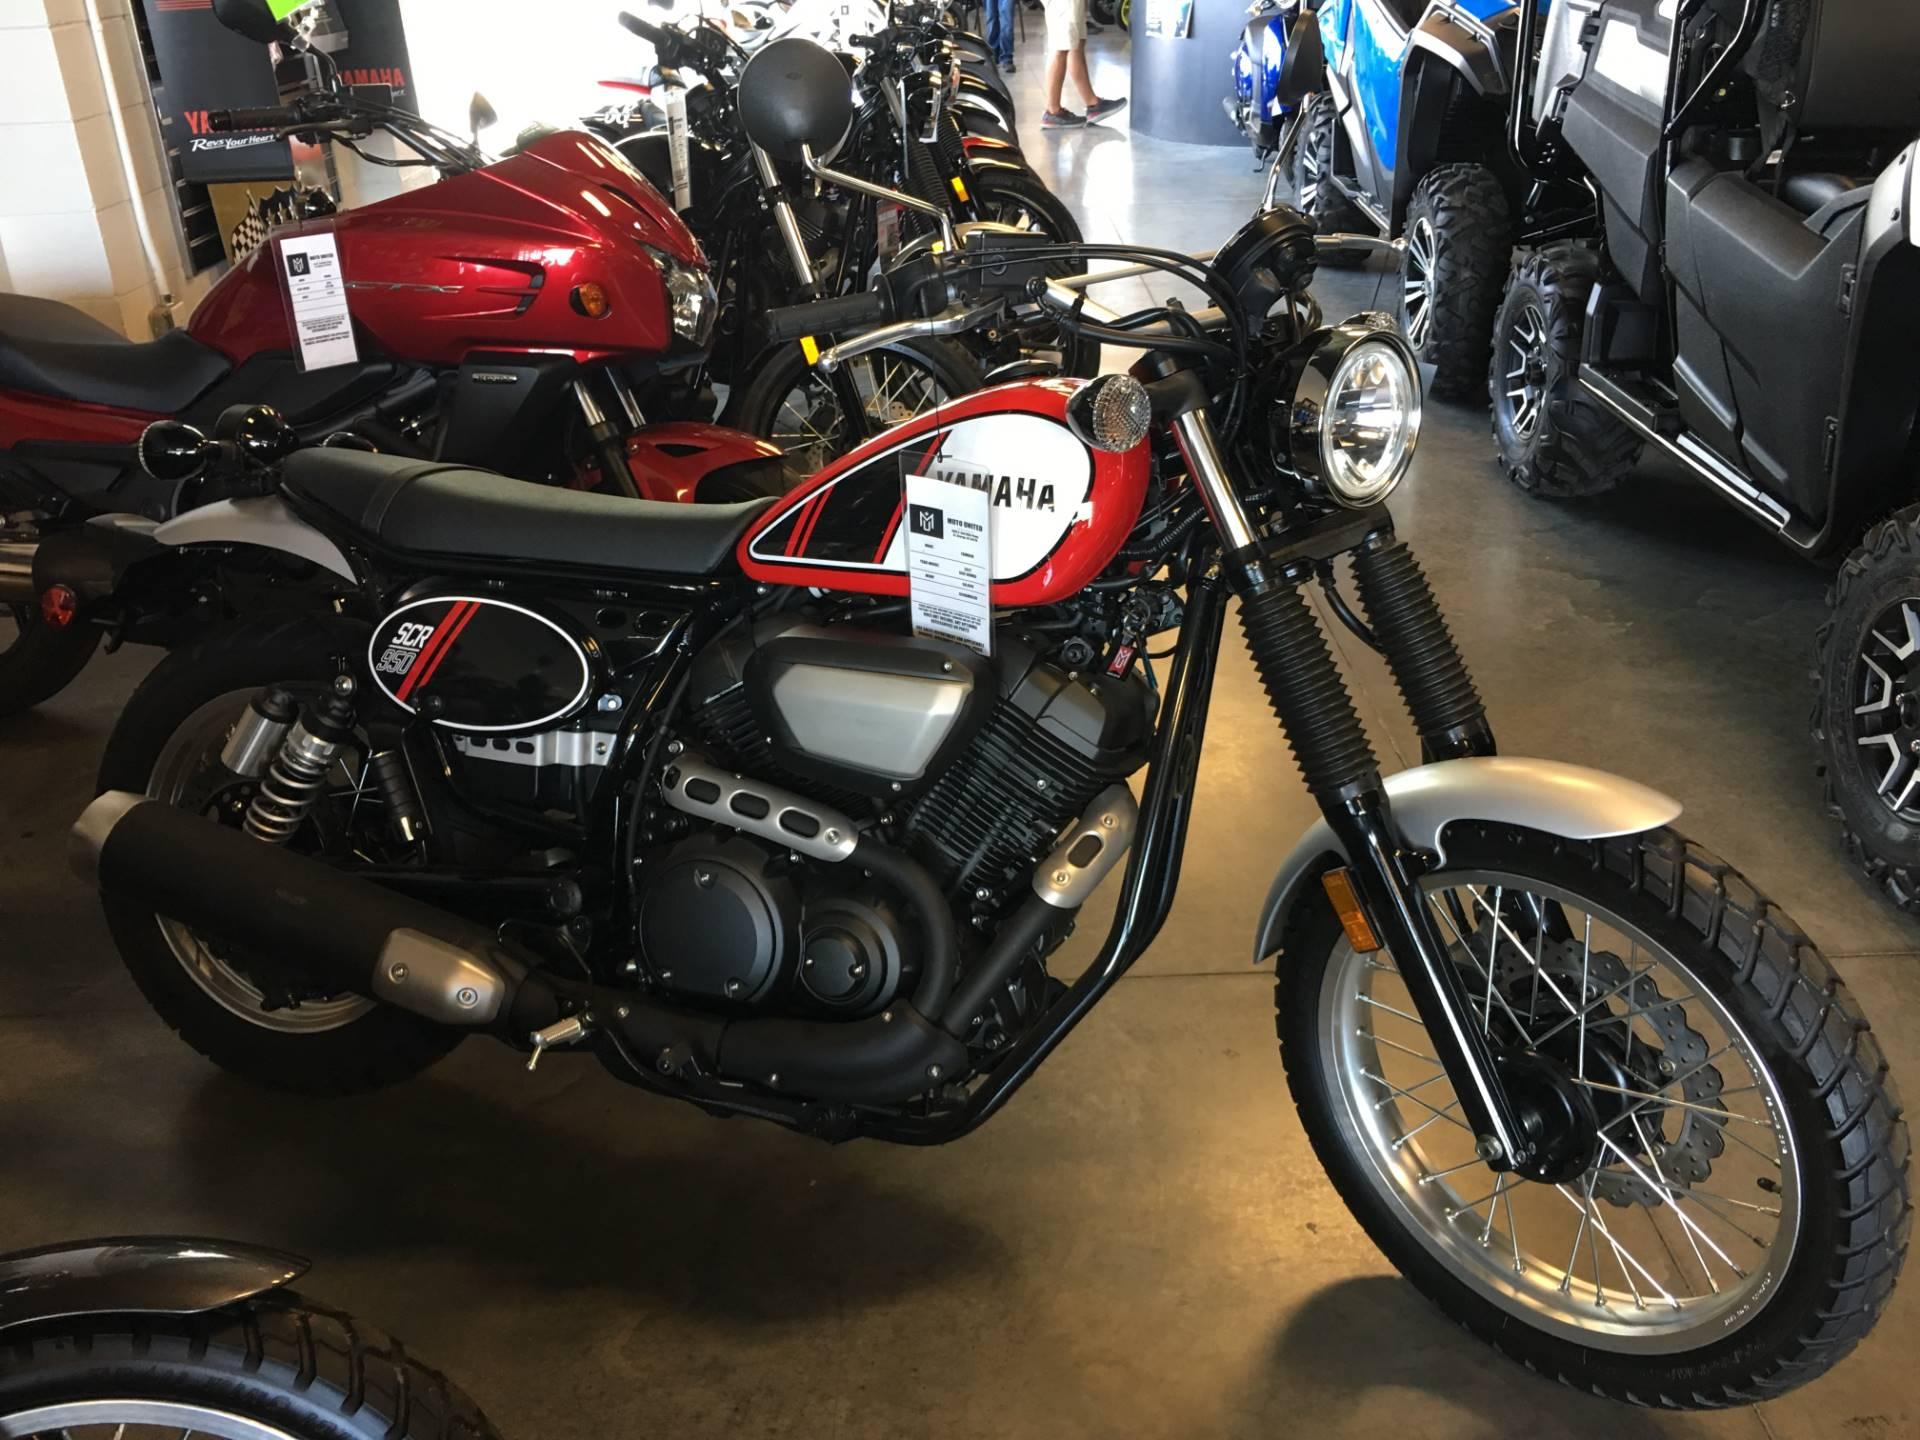 Utah honda motorcycle dealers best cars modified dur a flex for Honda dealership utah